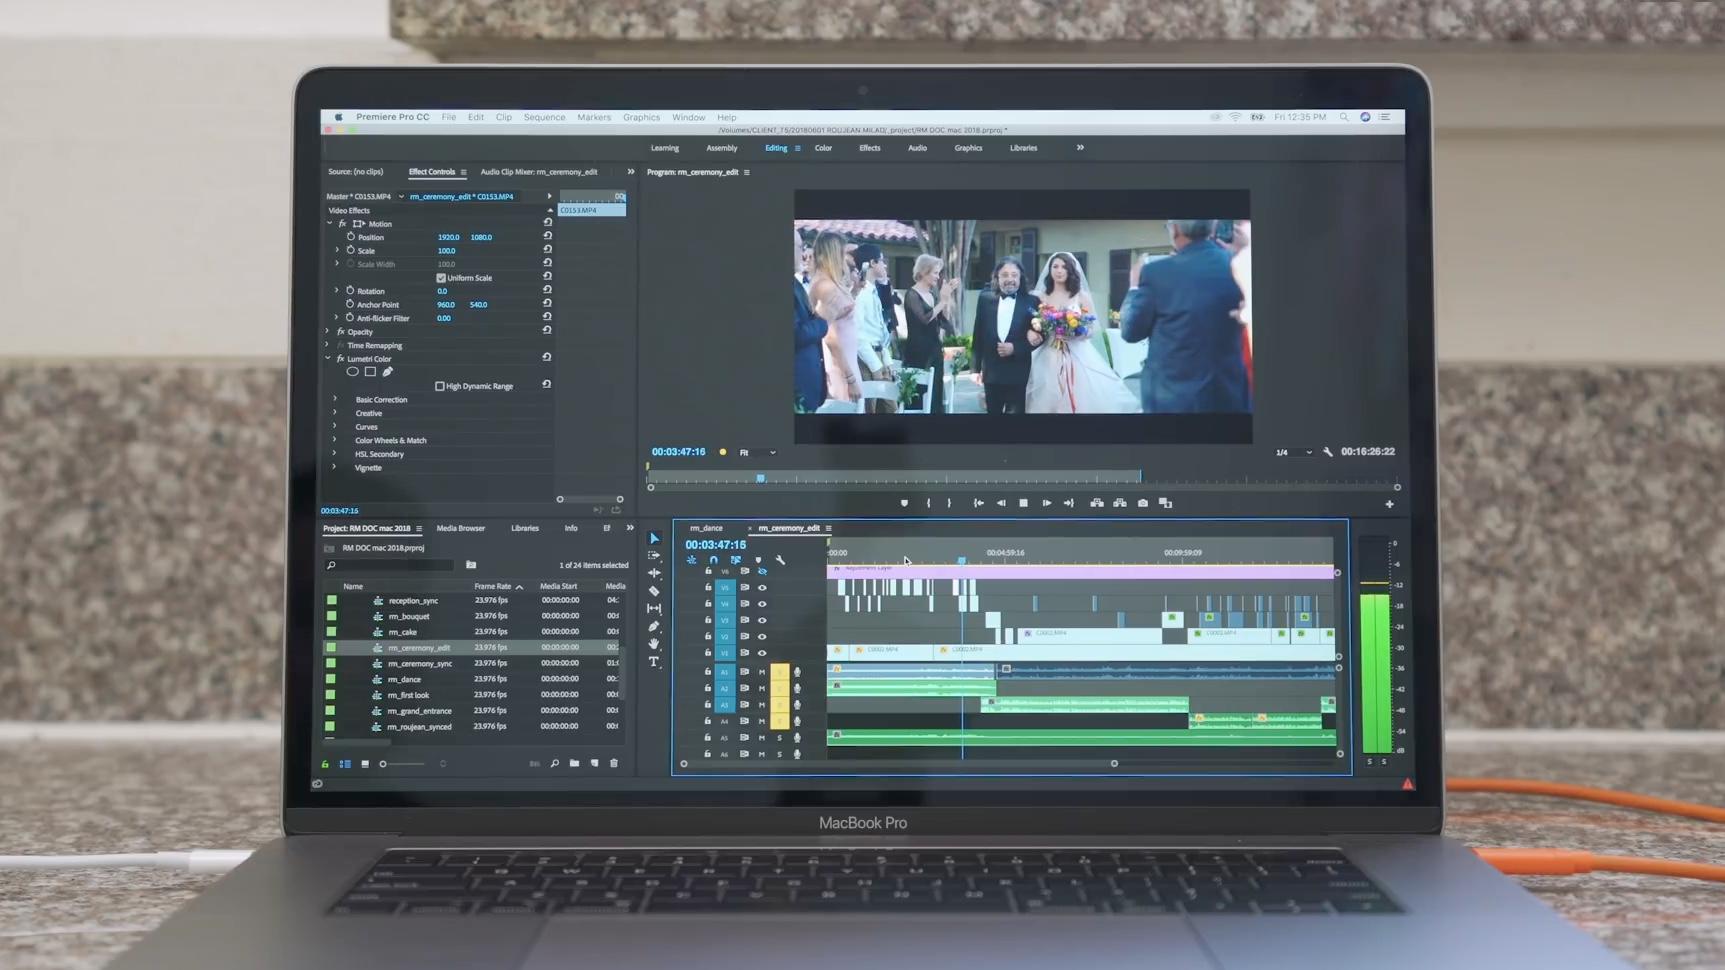 Adobe Premiere Pro MacBook Pro 2018